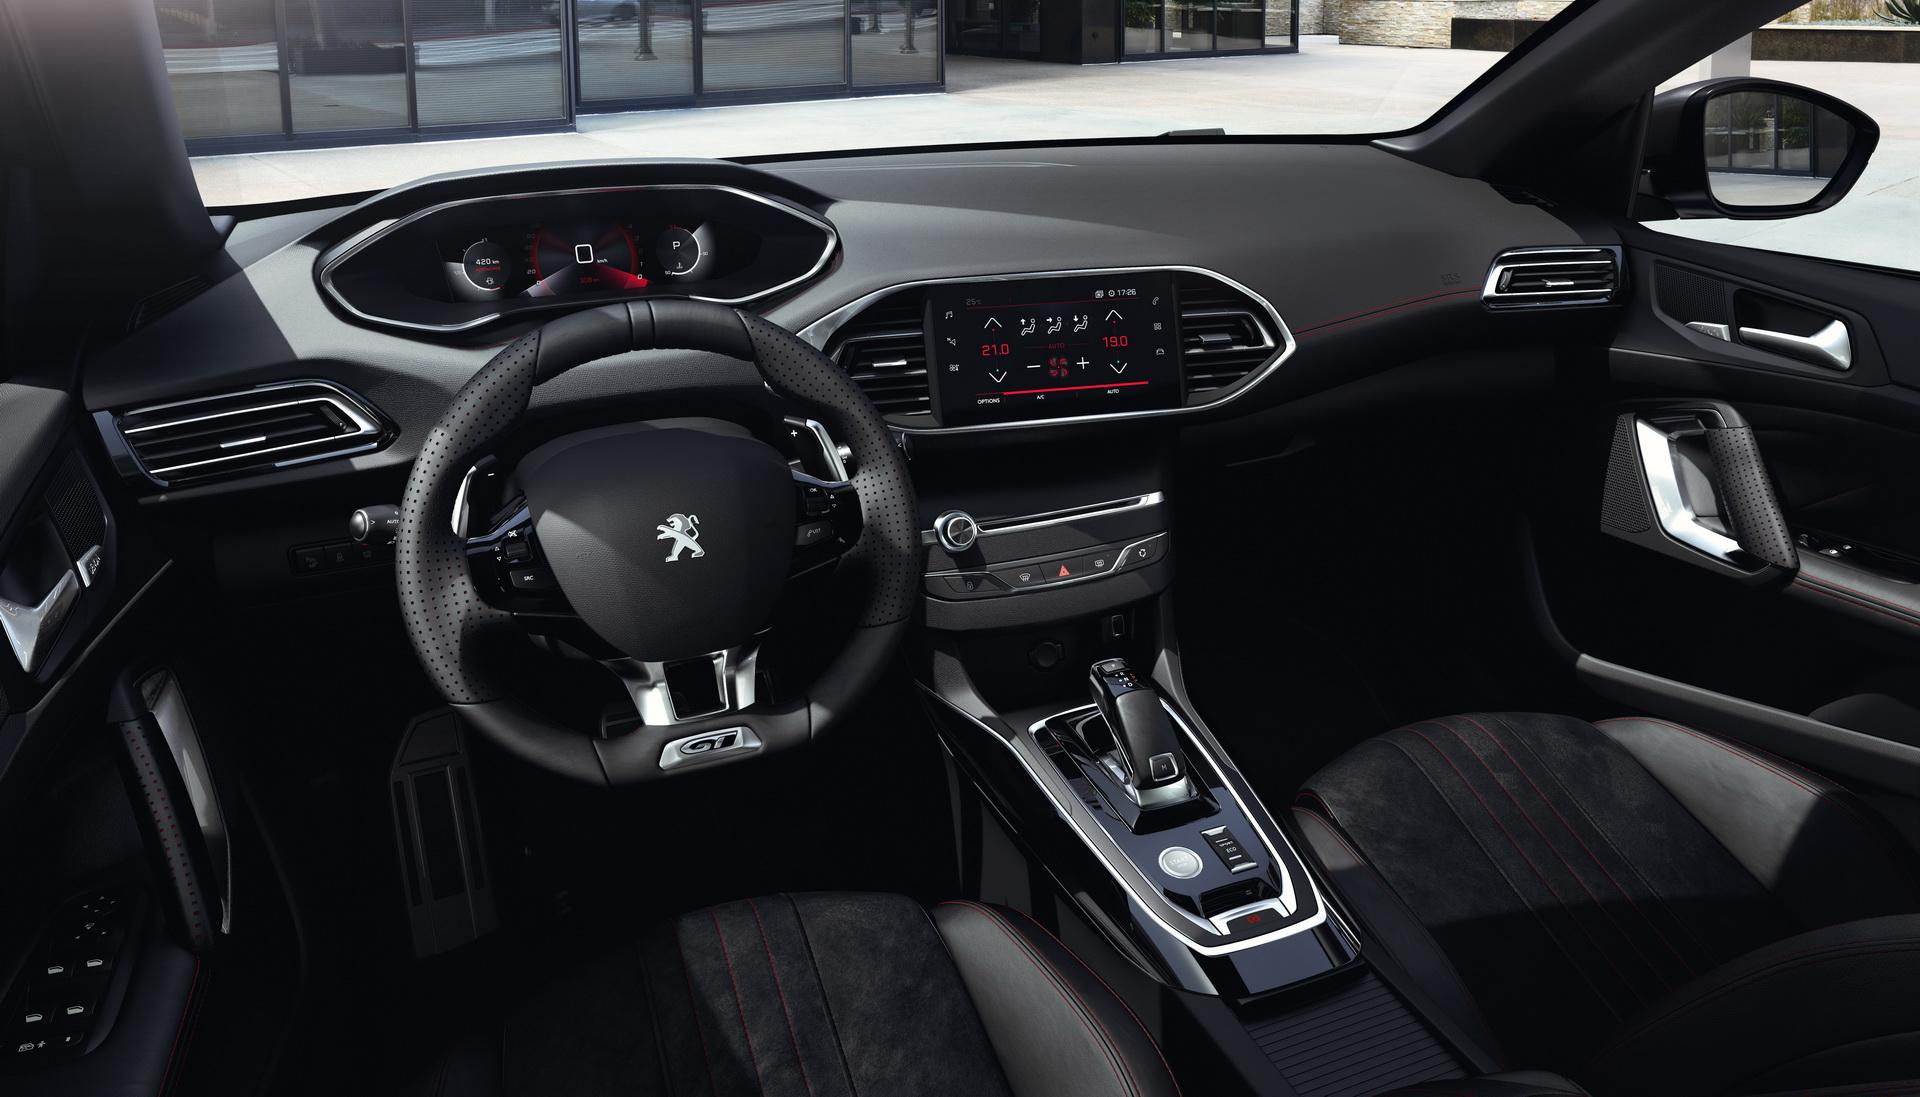 2021 Peugeot 308 Ratings